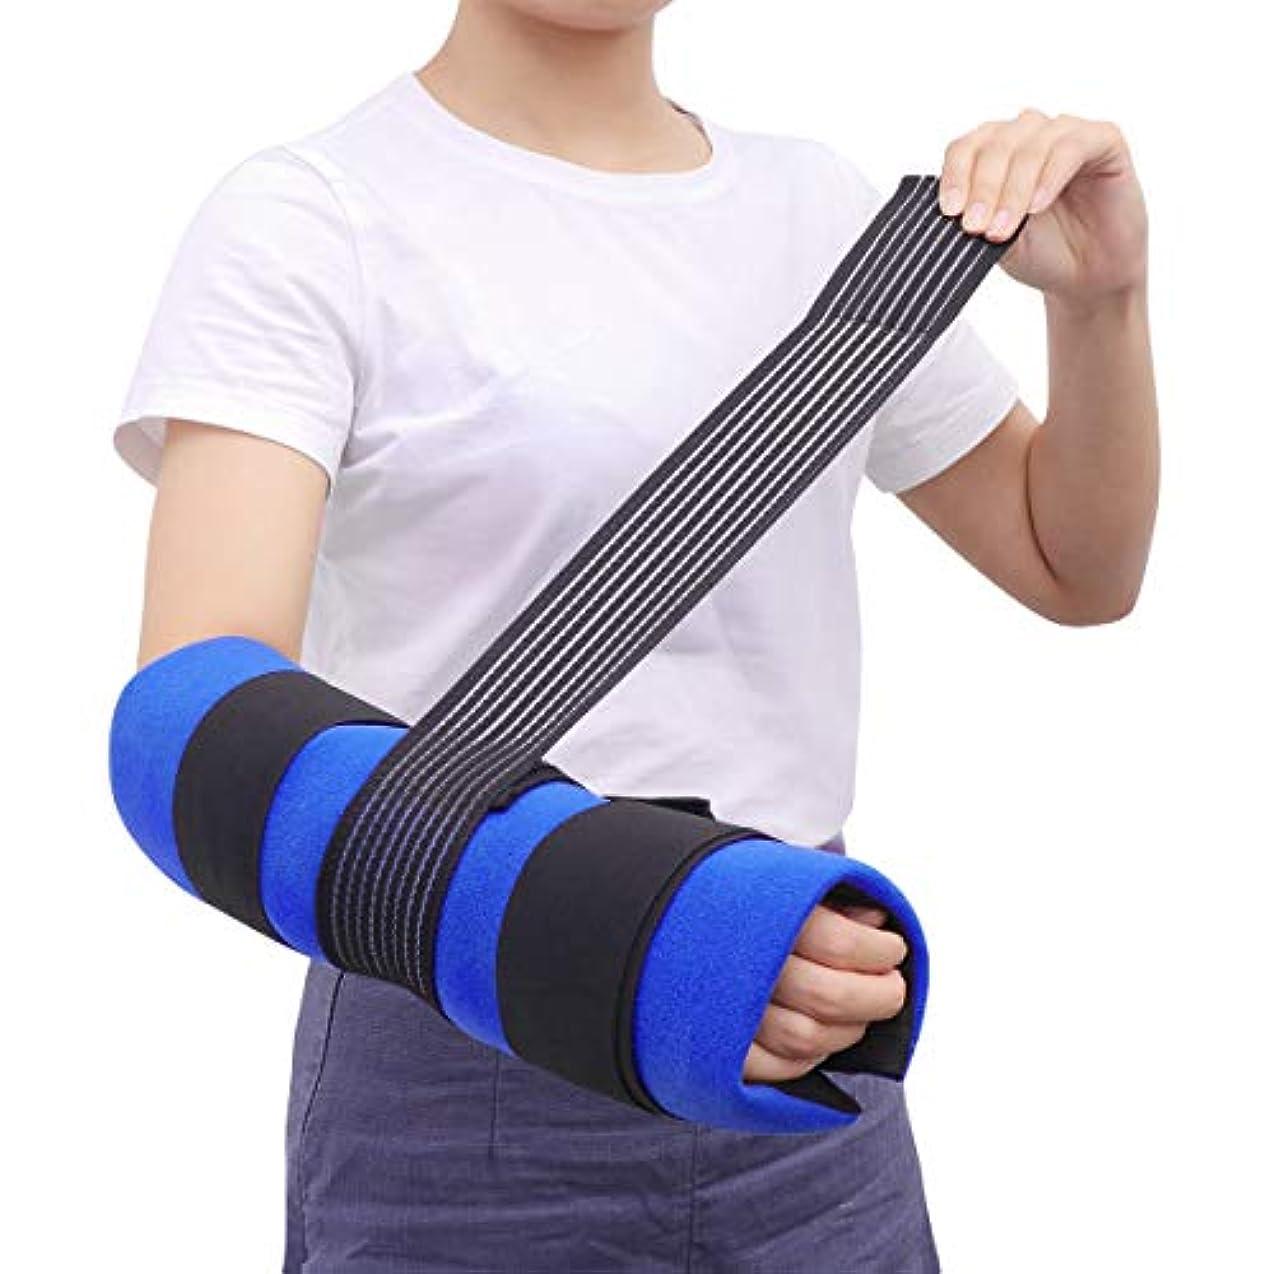 冷蔵庫追い付く偏見Healifty Healifty Gel Ice Pack - 柔軟なホット&コールドアイスラップ、弾性ストラップ付き、肩、膝、背中、ふくらはぎ、手首、足首、足